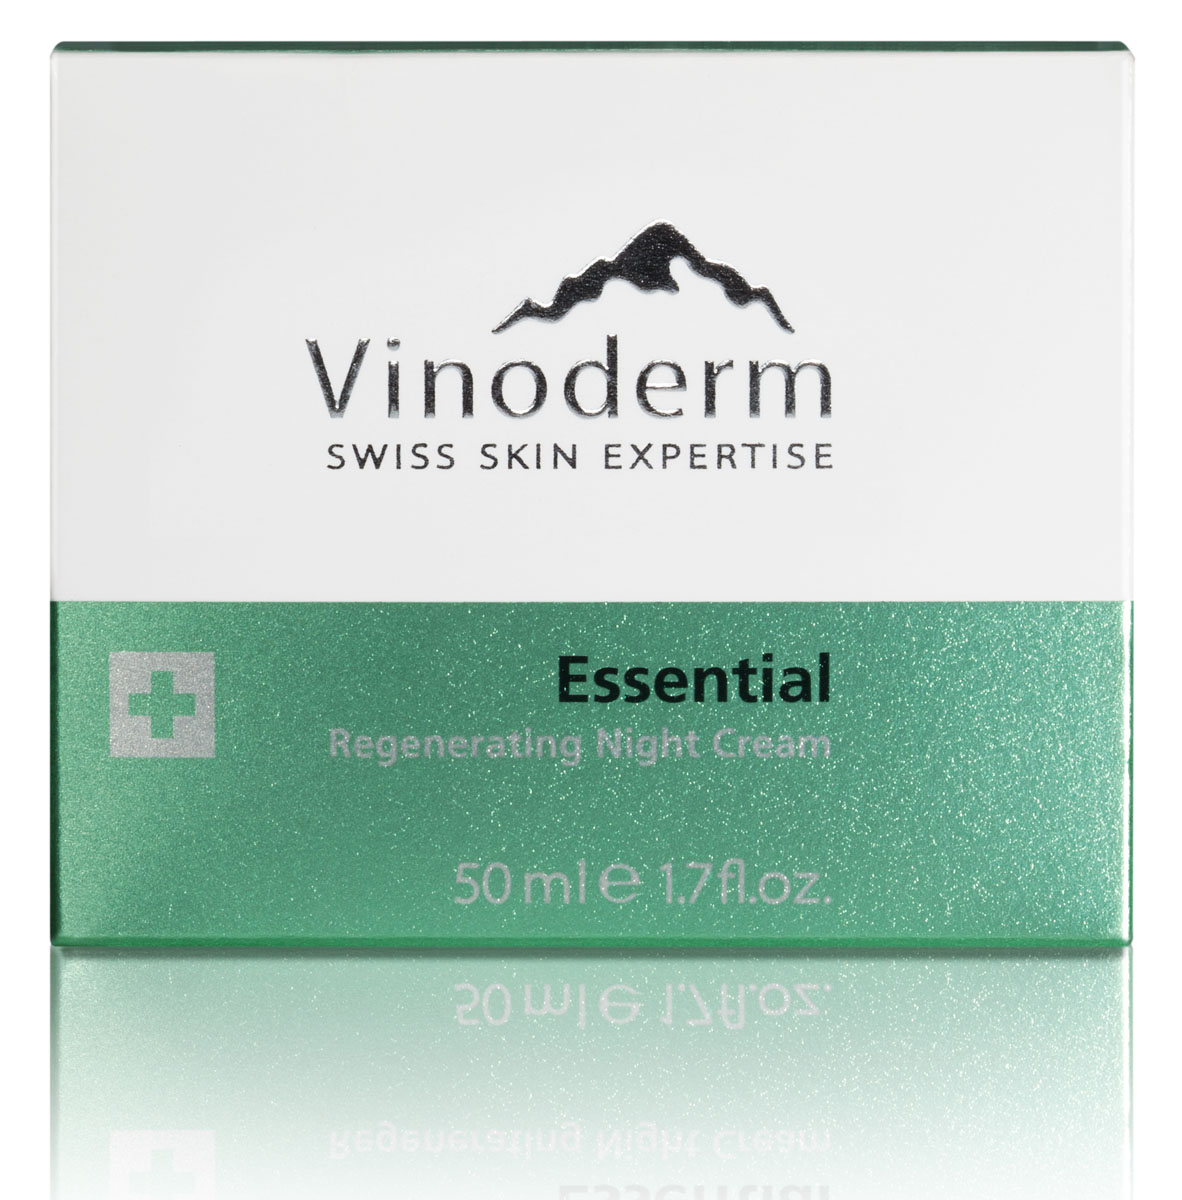 Vinoderm Крем ночной Essential регенерирующий для лица 50мл969N10673Смягчающий ночной крем нейтрализует воздействие стресса и негативных факторов окружающей среды. Благодаря экстрактам виноградной косточки, дрожжей и белого лотоса, запускается процесс обновления клеток кожи и поддерживается работа ее собственной защитной системы. Комплекс натуральных компонентов успокаивает и интенсивно увлажняет кожу в течение всей ночи. Ночь за ночью, крем эффективно восстанавливает кожу, борясь с ежедневным стрессом. Наутро ваша кожа выглядит гладкой и здоровой.